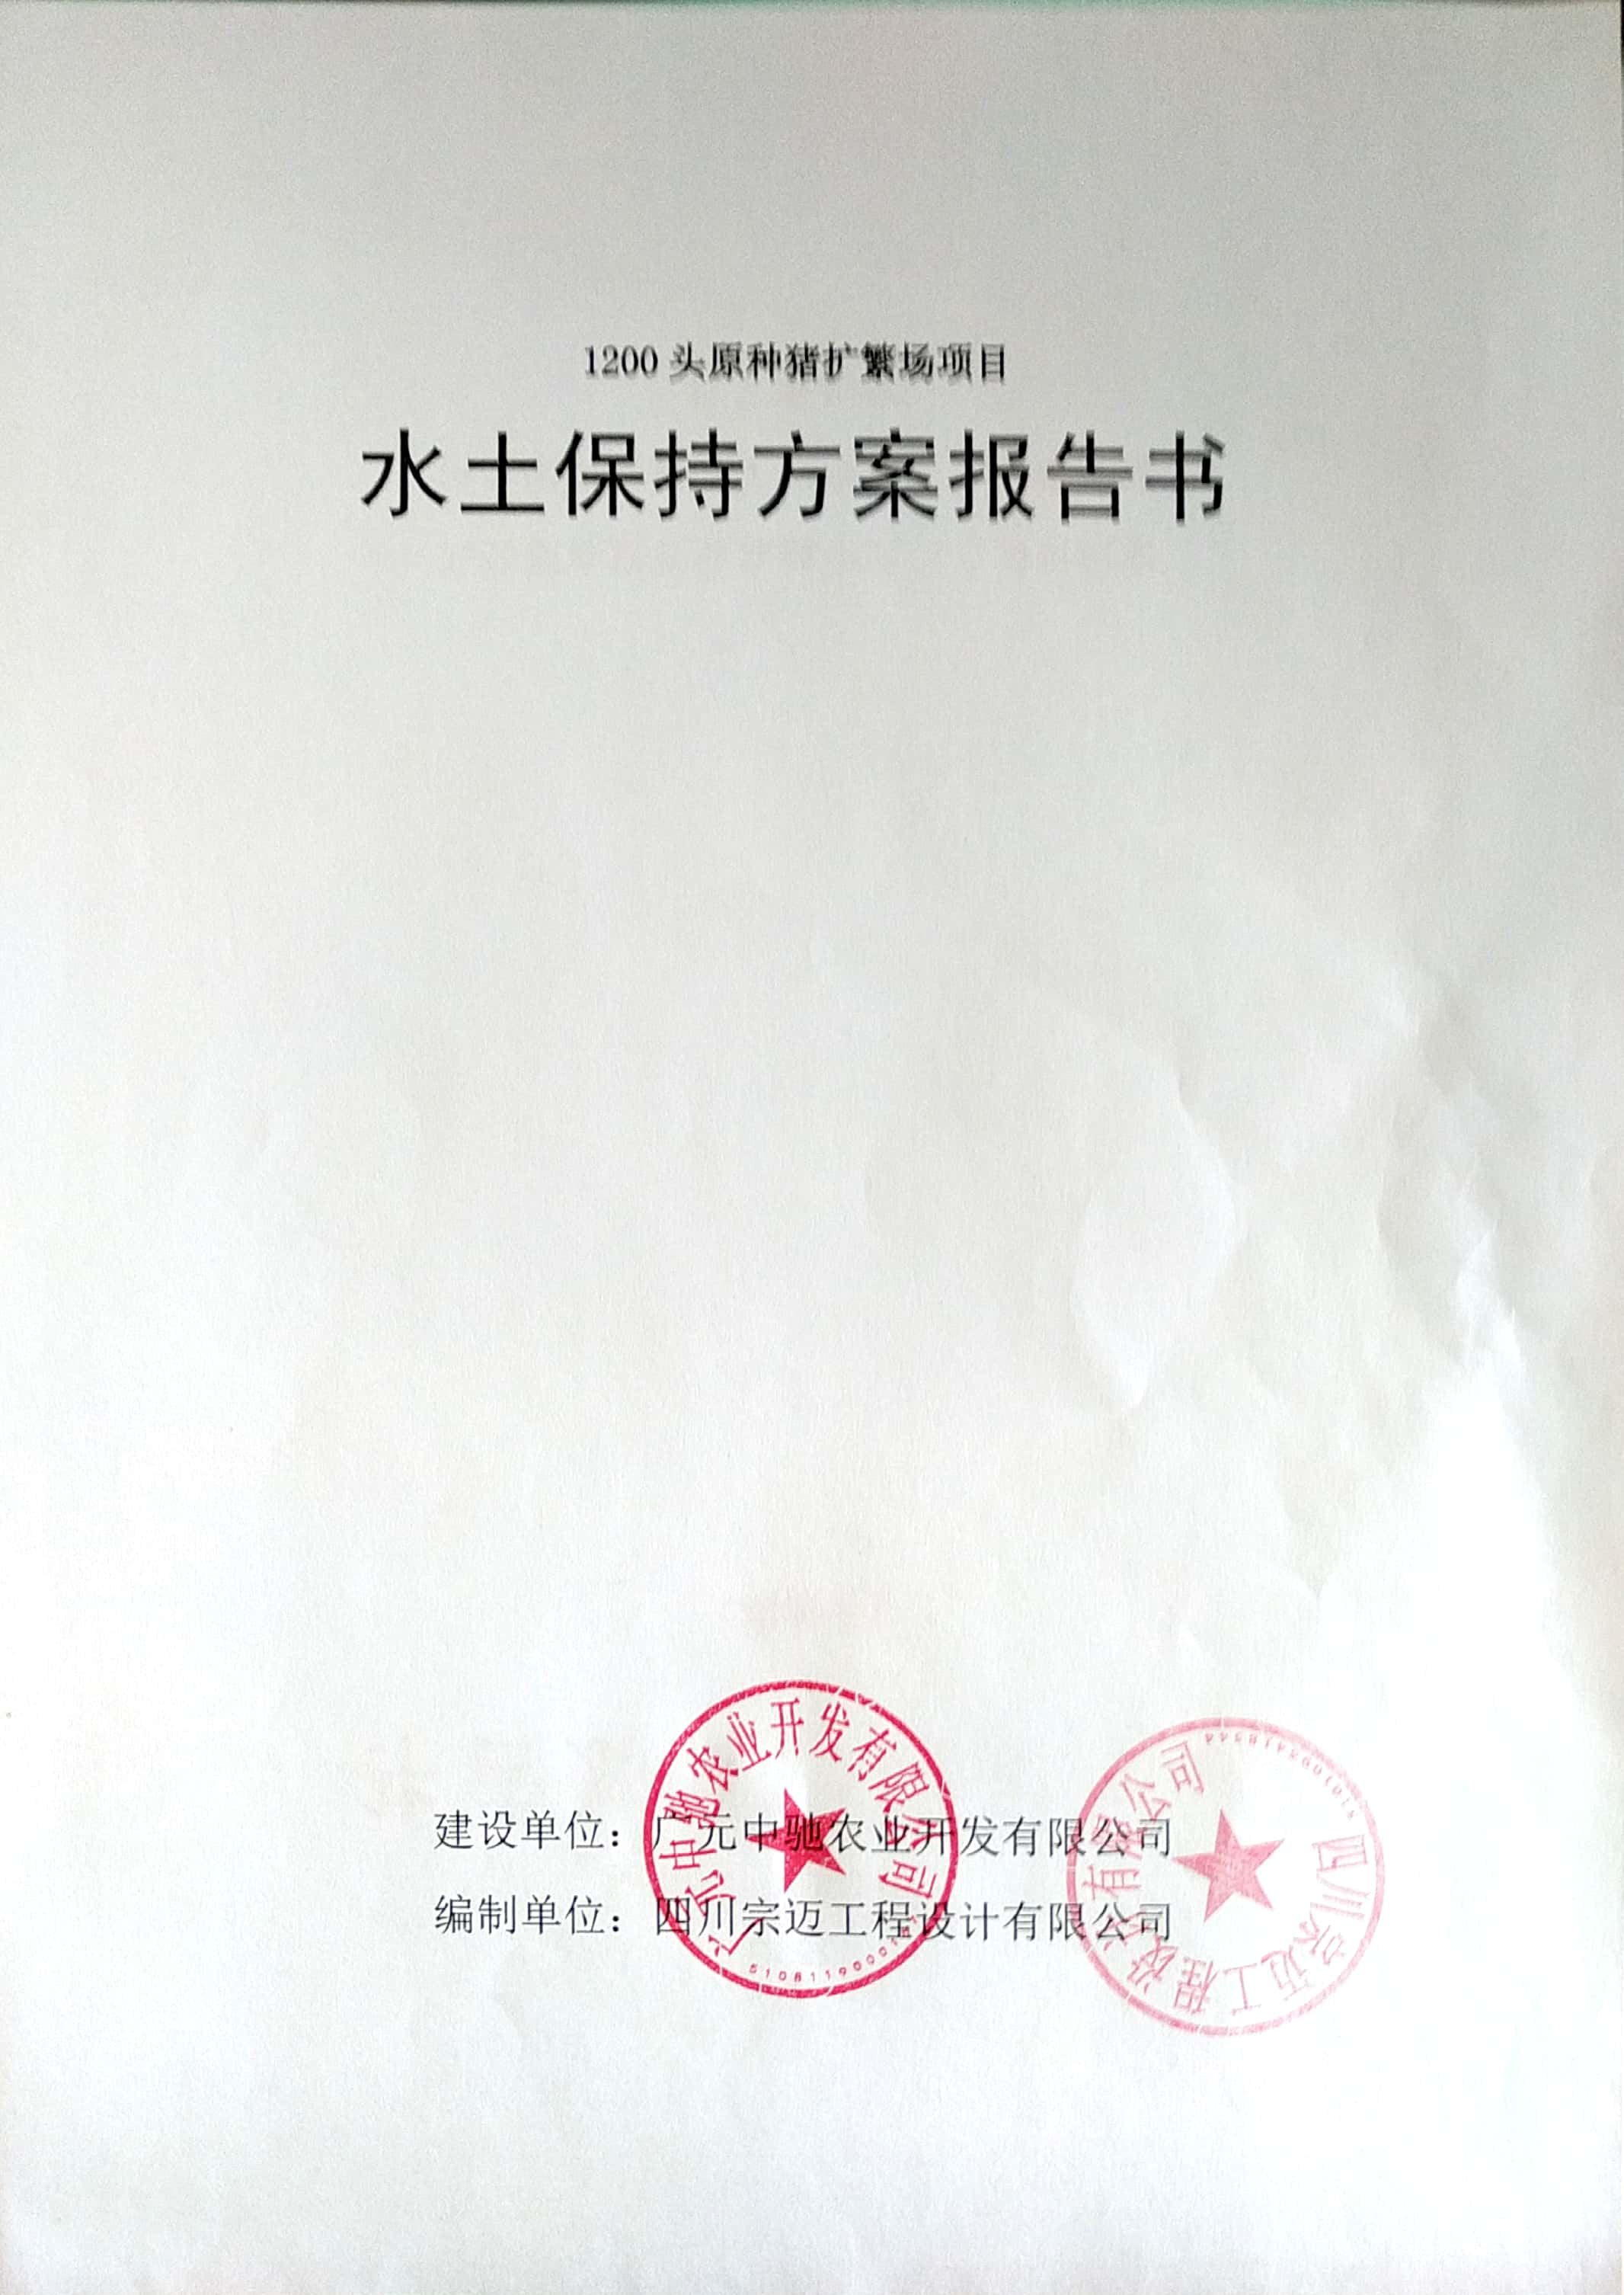 1200头原种猪扩繁场项目乐动投注平台方案扉页扫描件.jpg